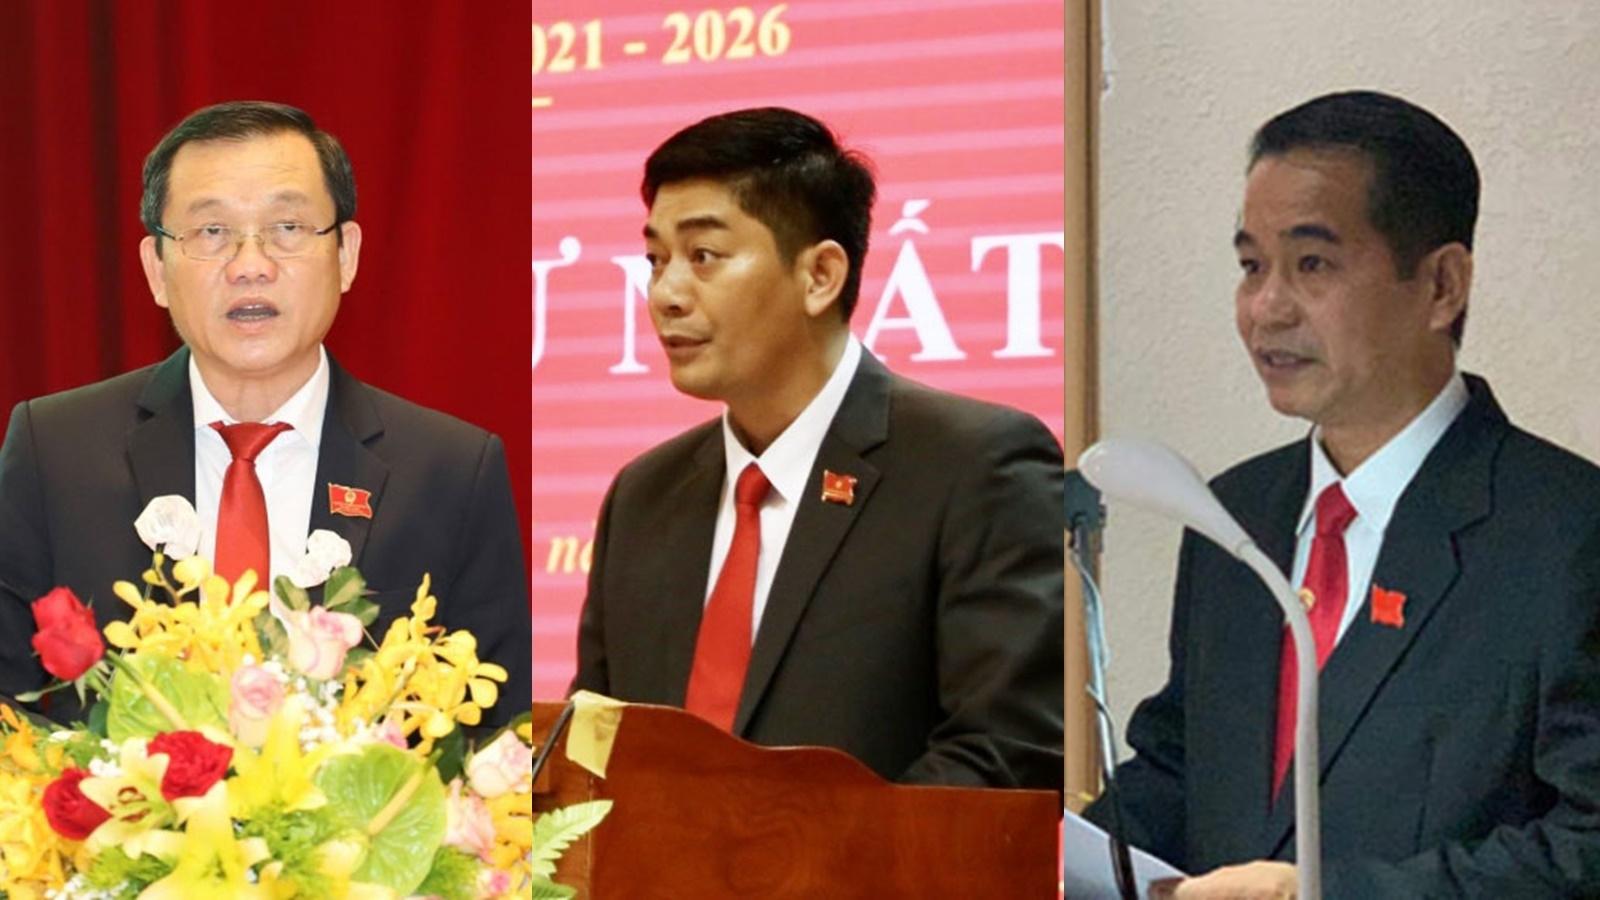 Phê chuẩn kết quả bầu Chủ tịch, Phó Chủ tịch HĐND 6 tỉnh